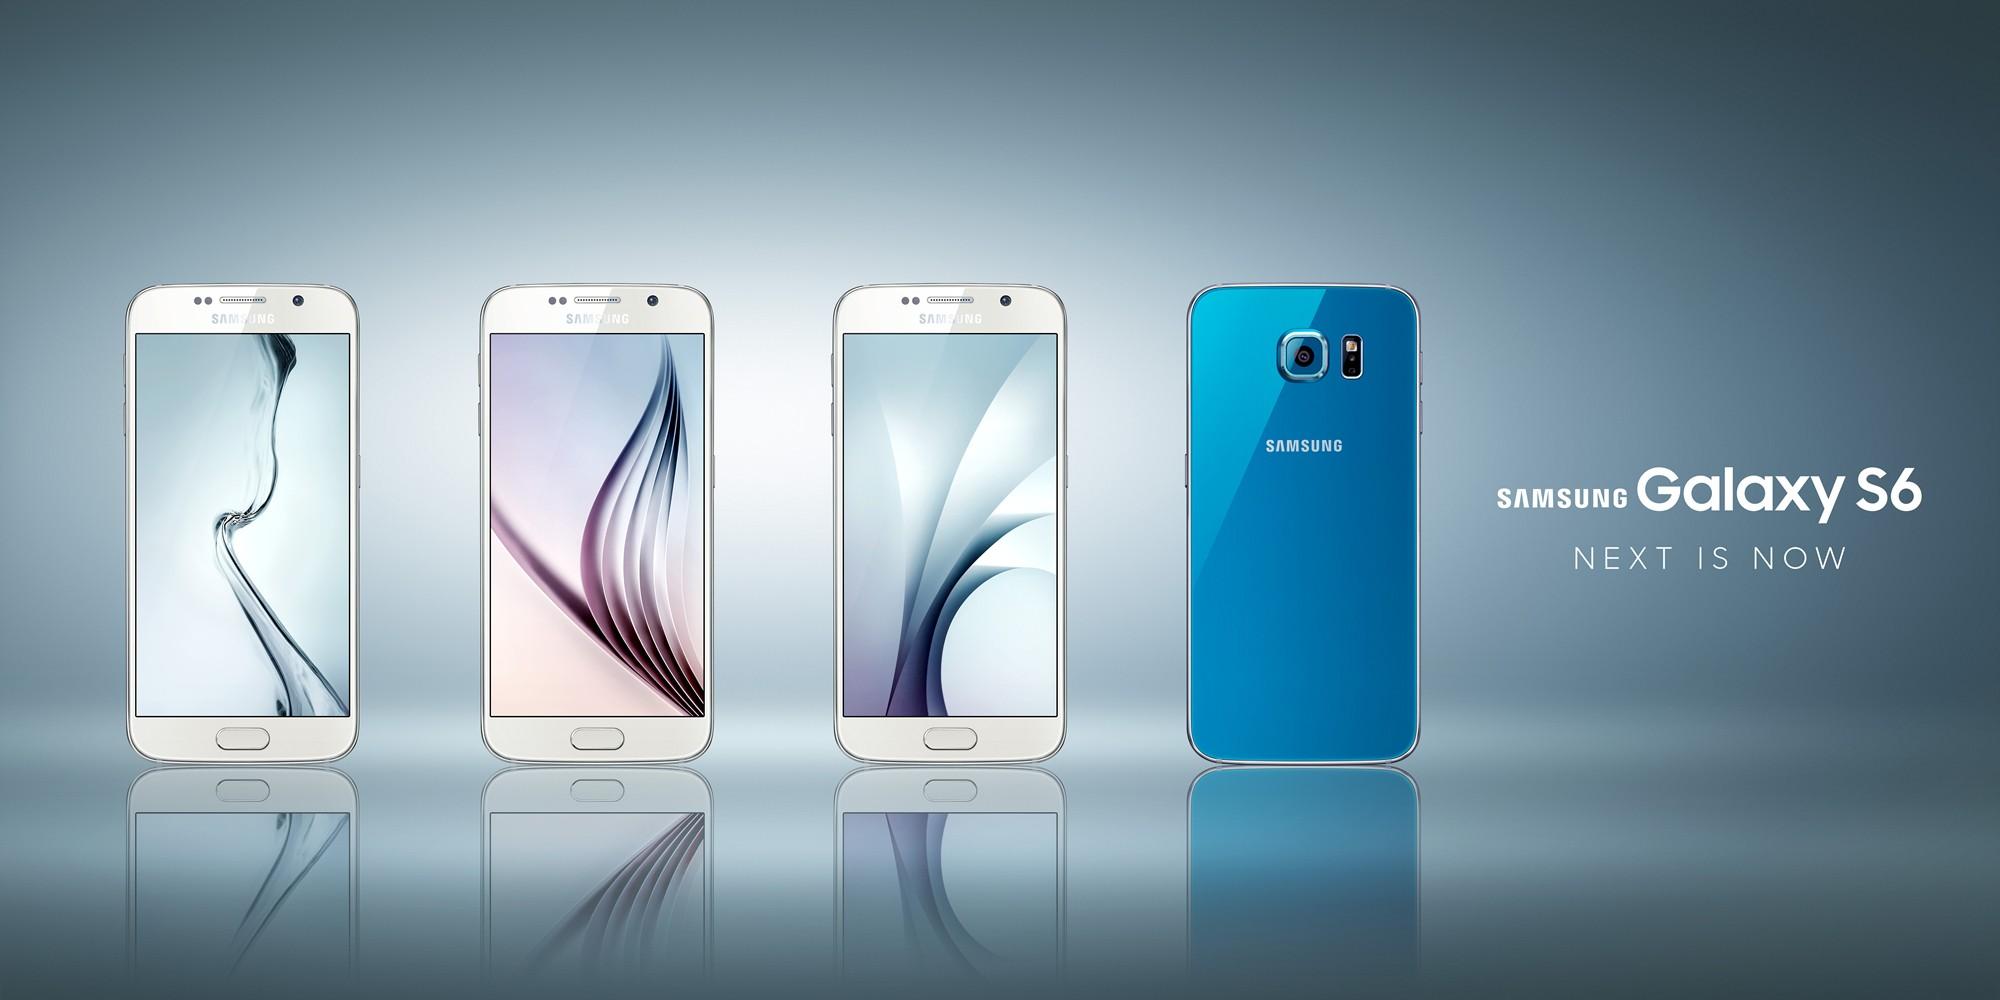 Bon plan mis à jour : le Samsung Galaxy S6 est à 499 euros